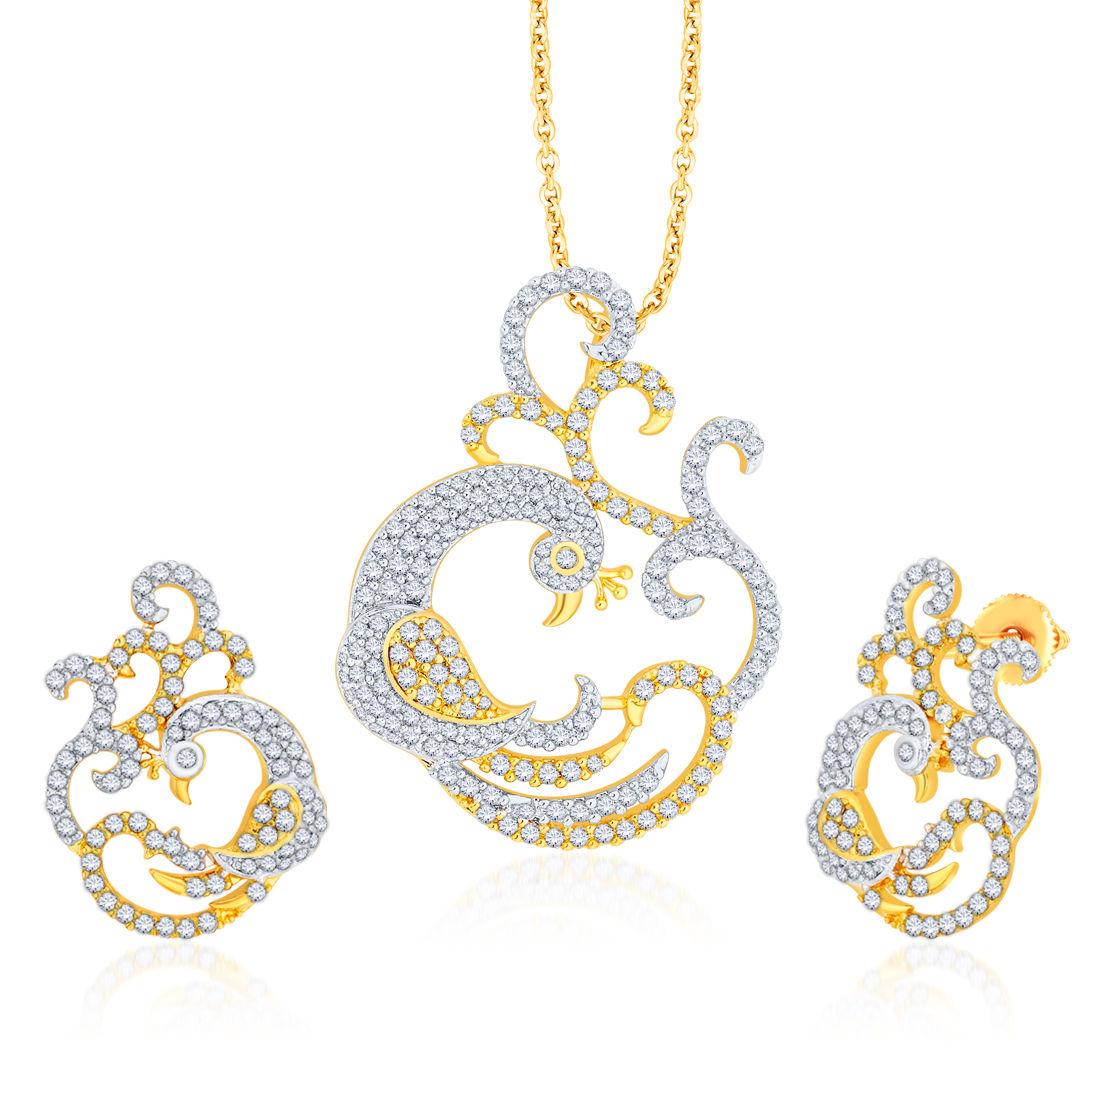 Peora 18 Karat Gold Plating Graceful Peacock Pendant Earring Set